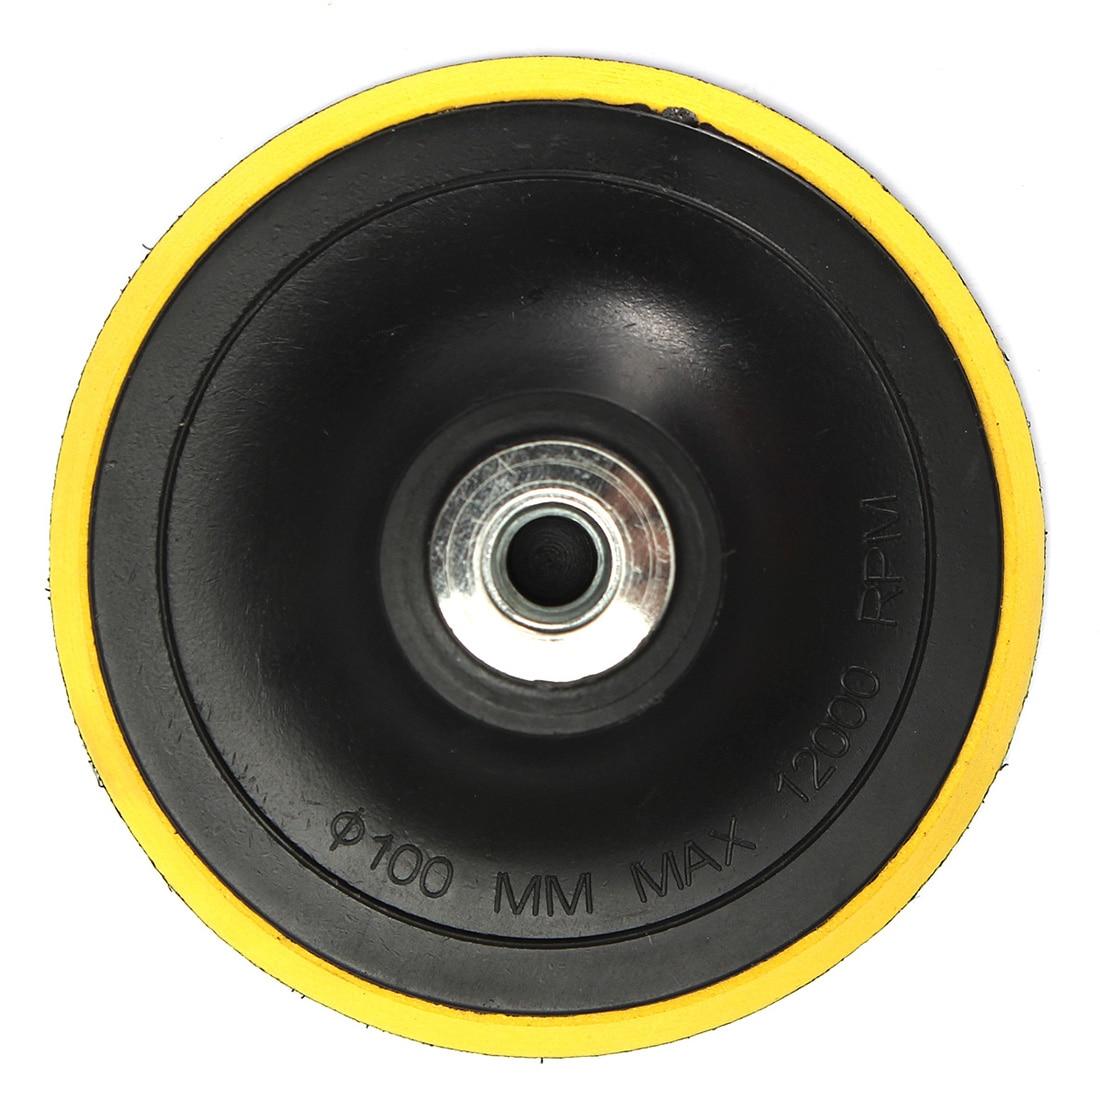 Polishing pad backing pad sanding pad pads M14 for polishing machine New K1 thread polishing pad with self adhesive 175mm 7 thread m14 sanding disc polish pad for electric angle grinder polisher